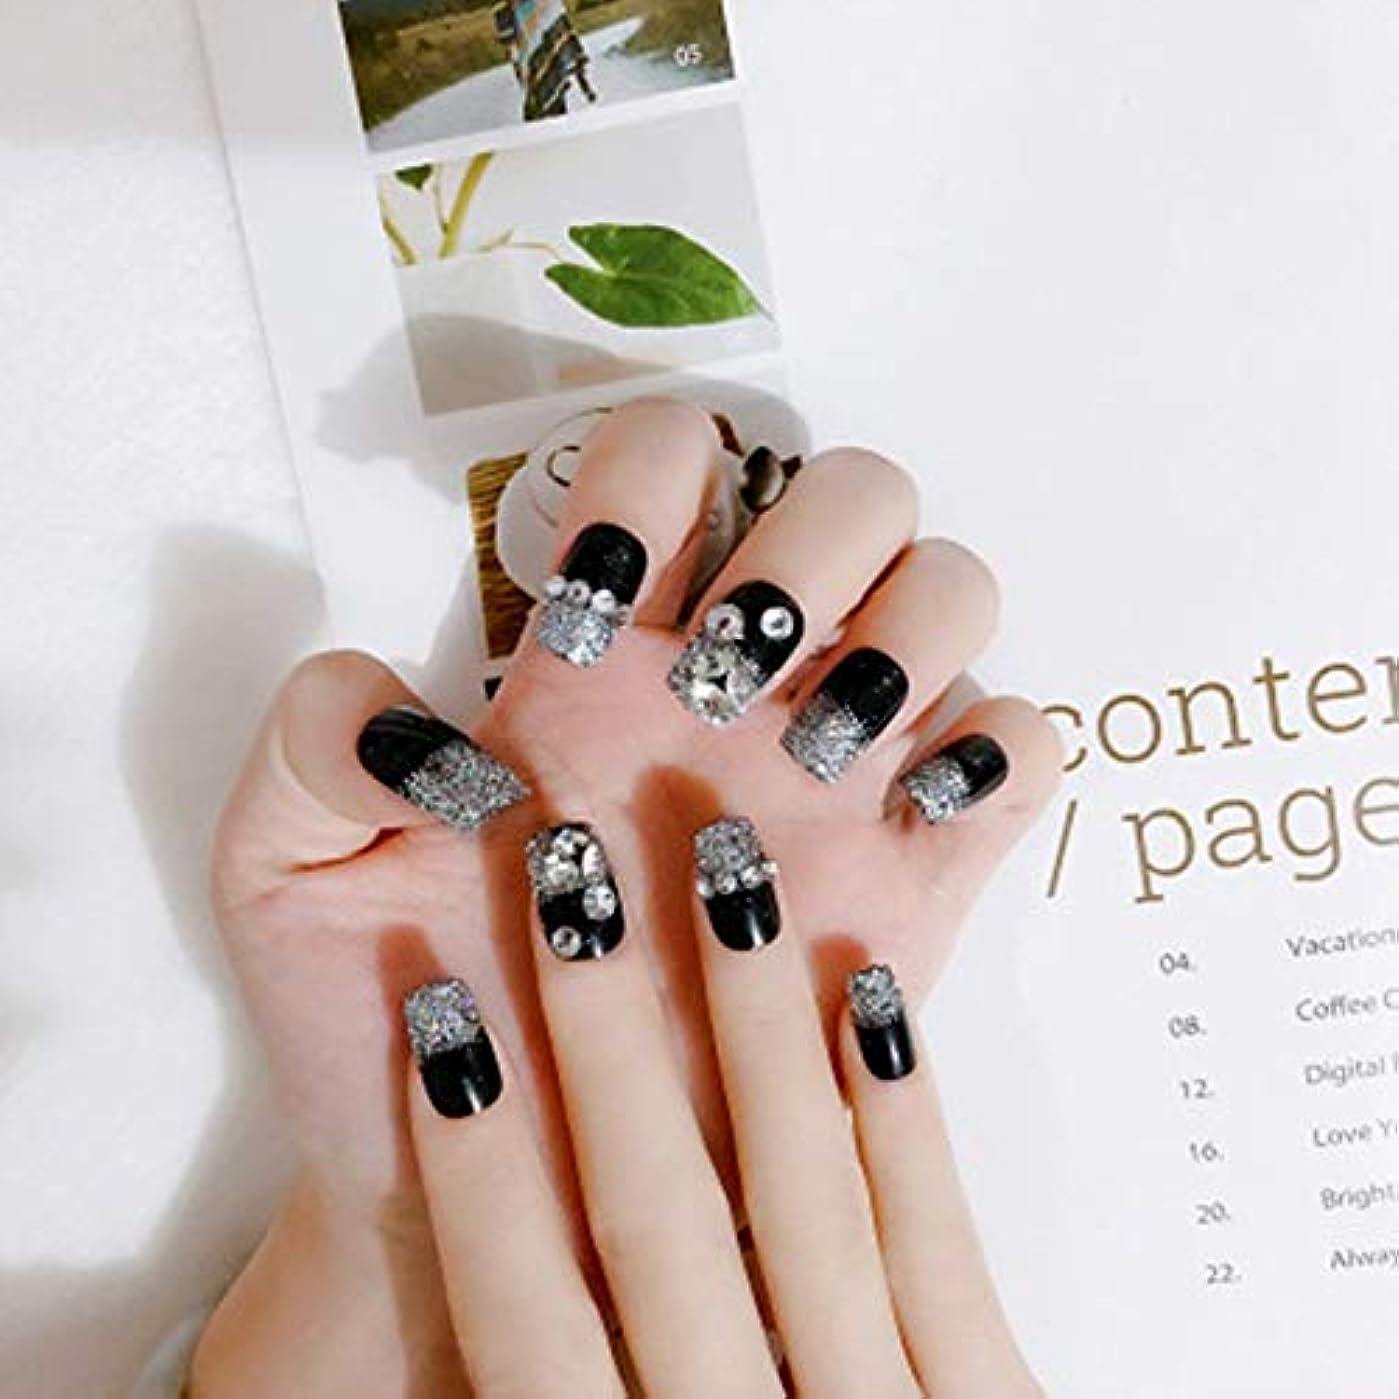 ピンワゴンバンドルAAcreatspaceファッション花嫁偽爪花柄偽爪かわいい偽爪ショートサイズ女性フル爪ヒントA09